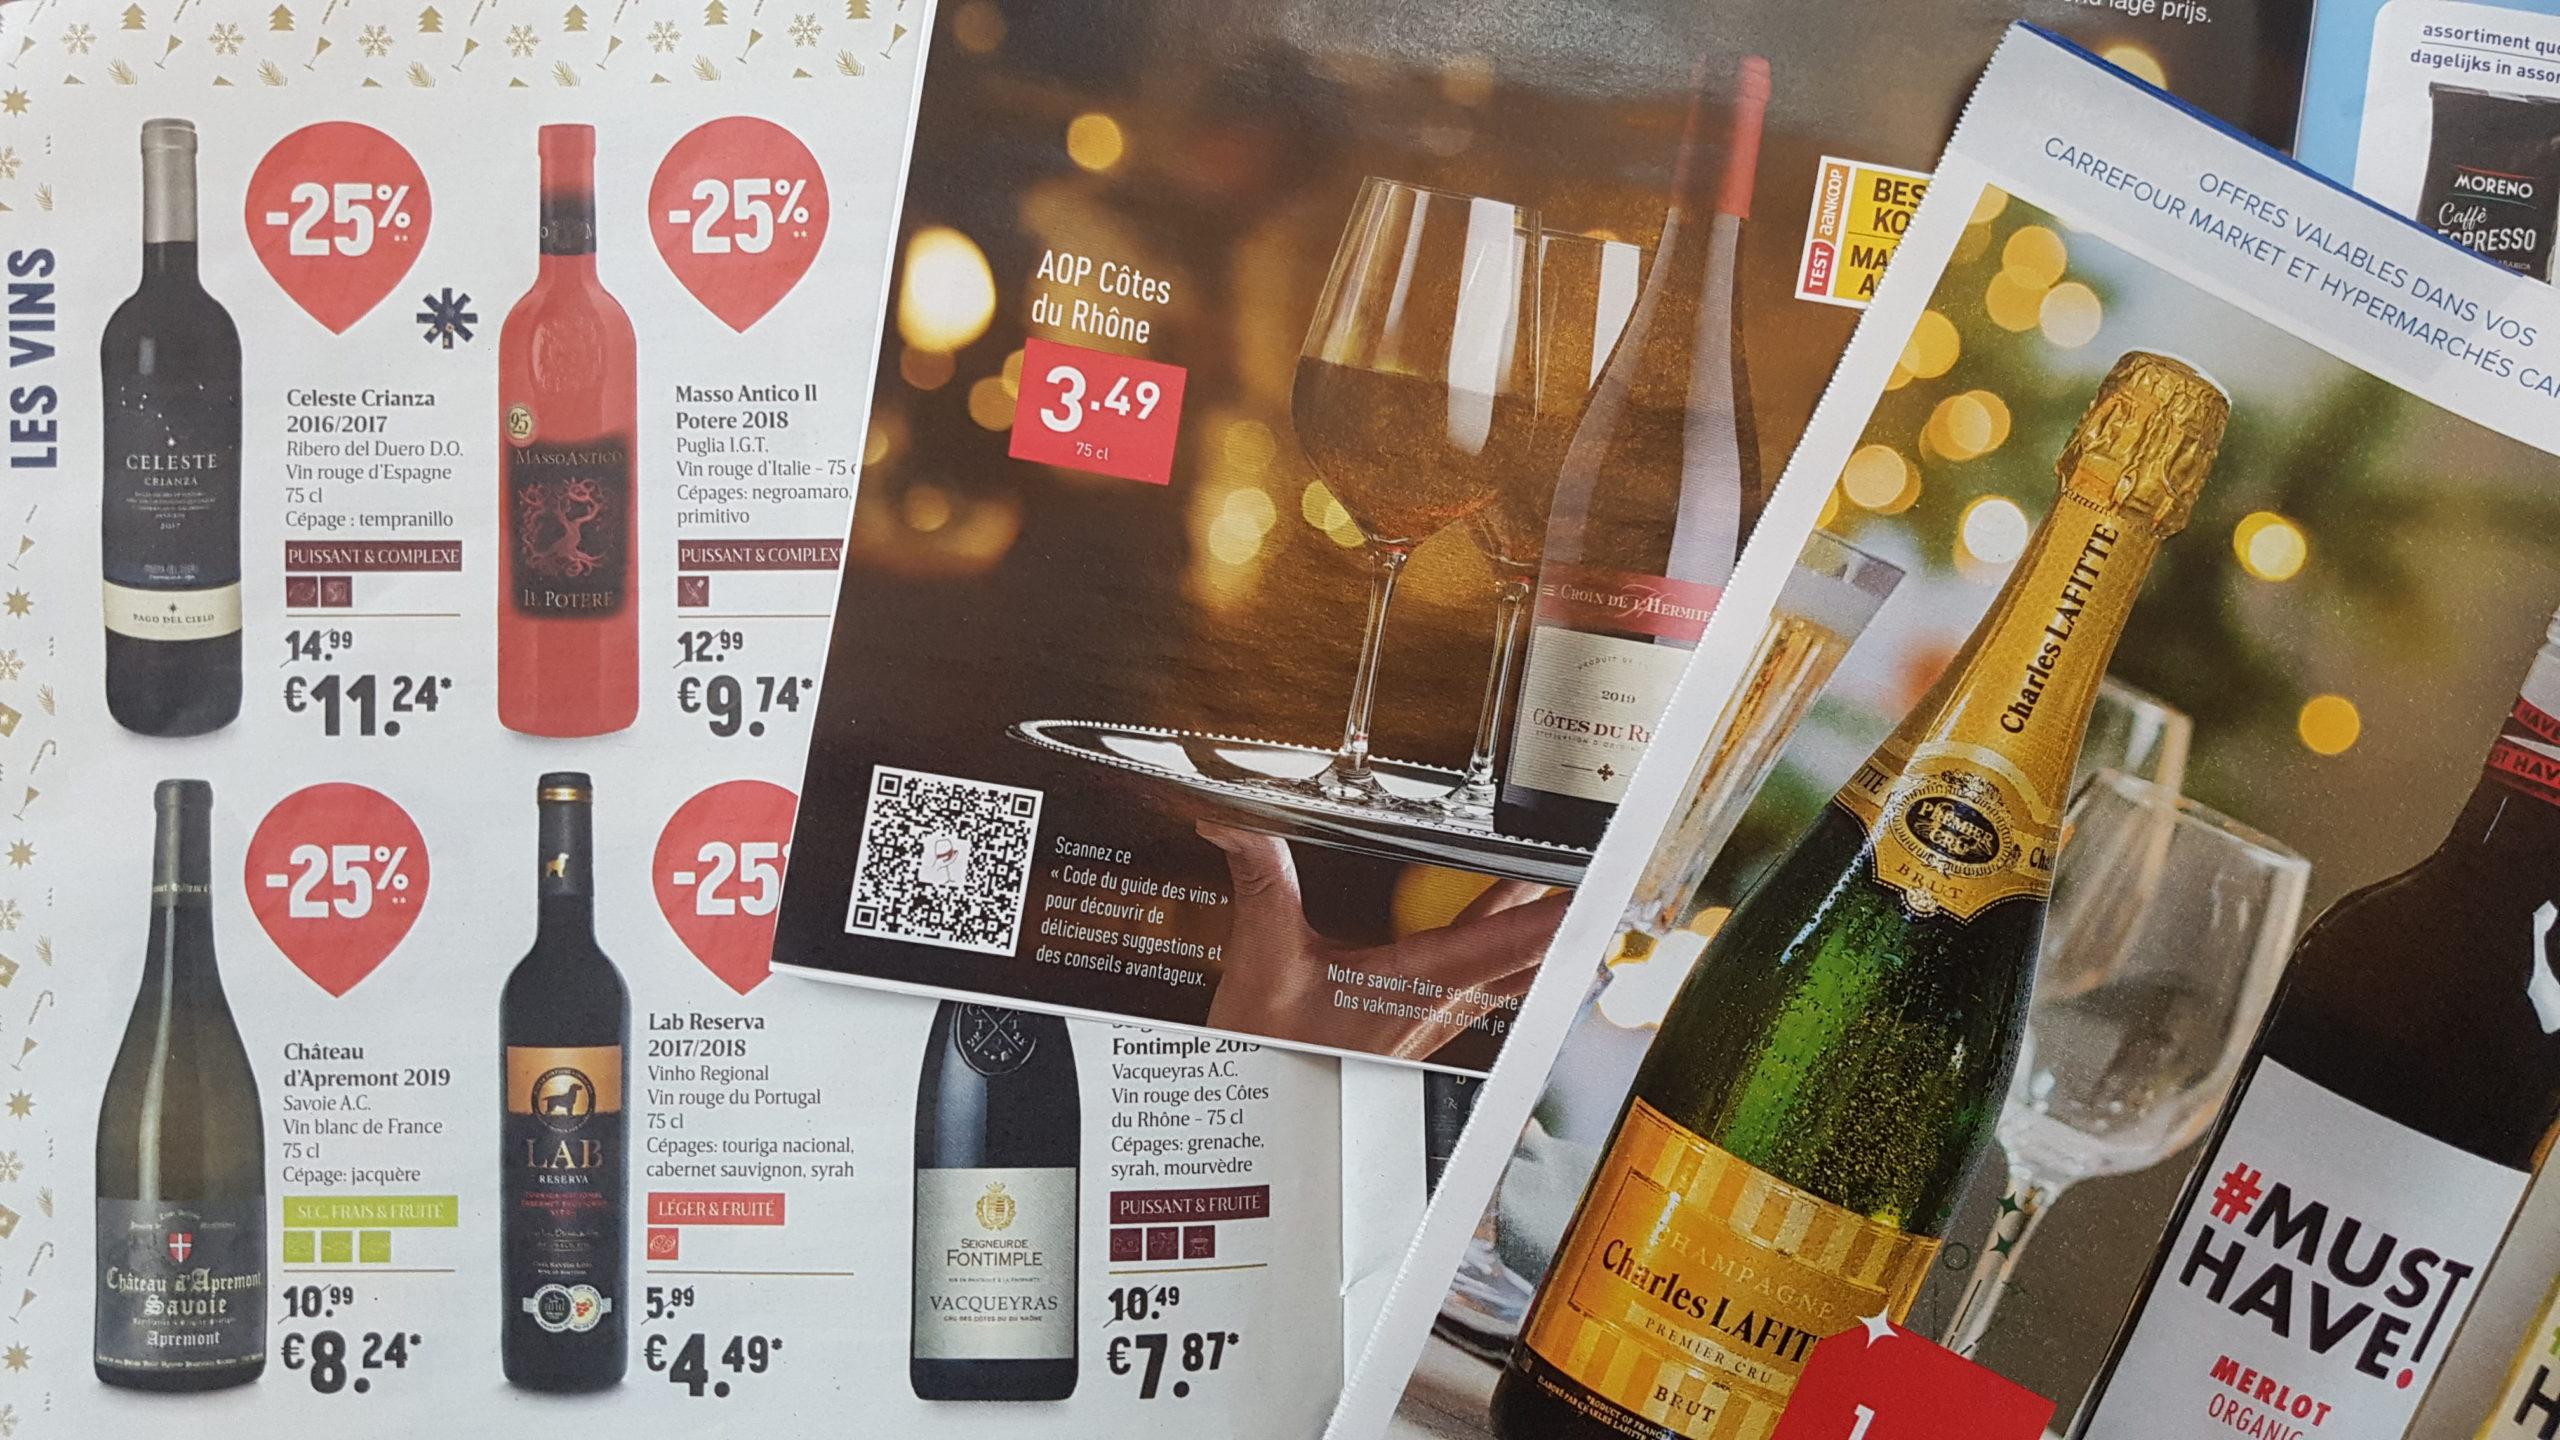 Quel vin choisir parmi les offres de vin pour le fêtes des supermarchés ?